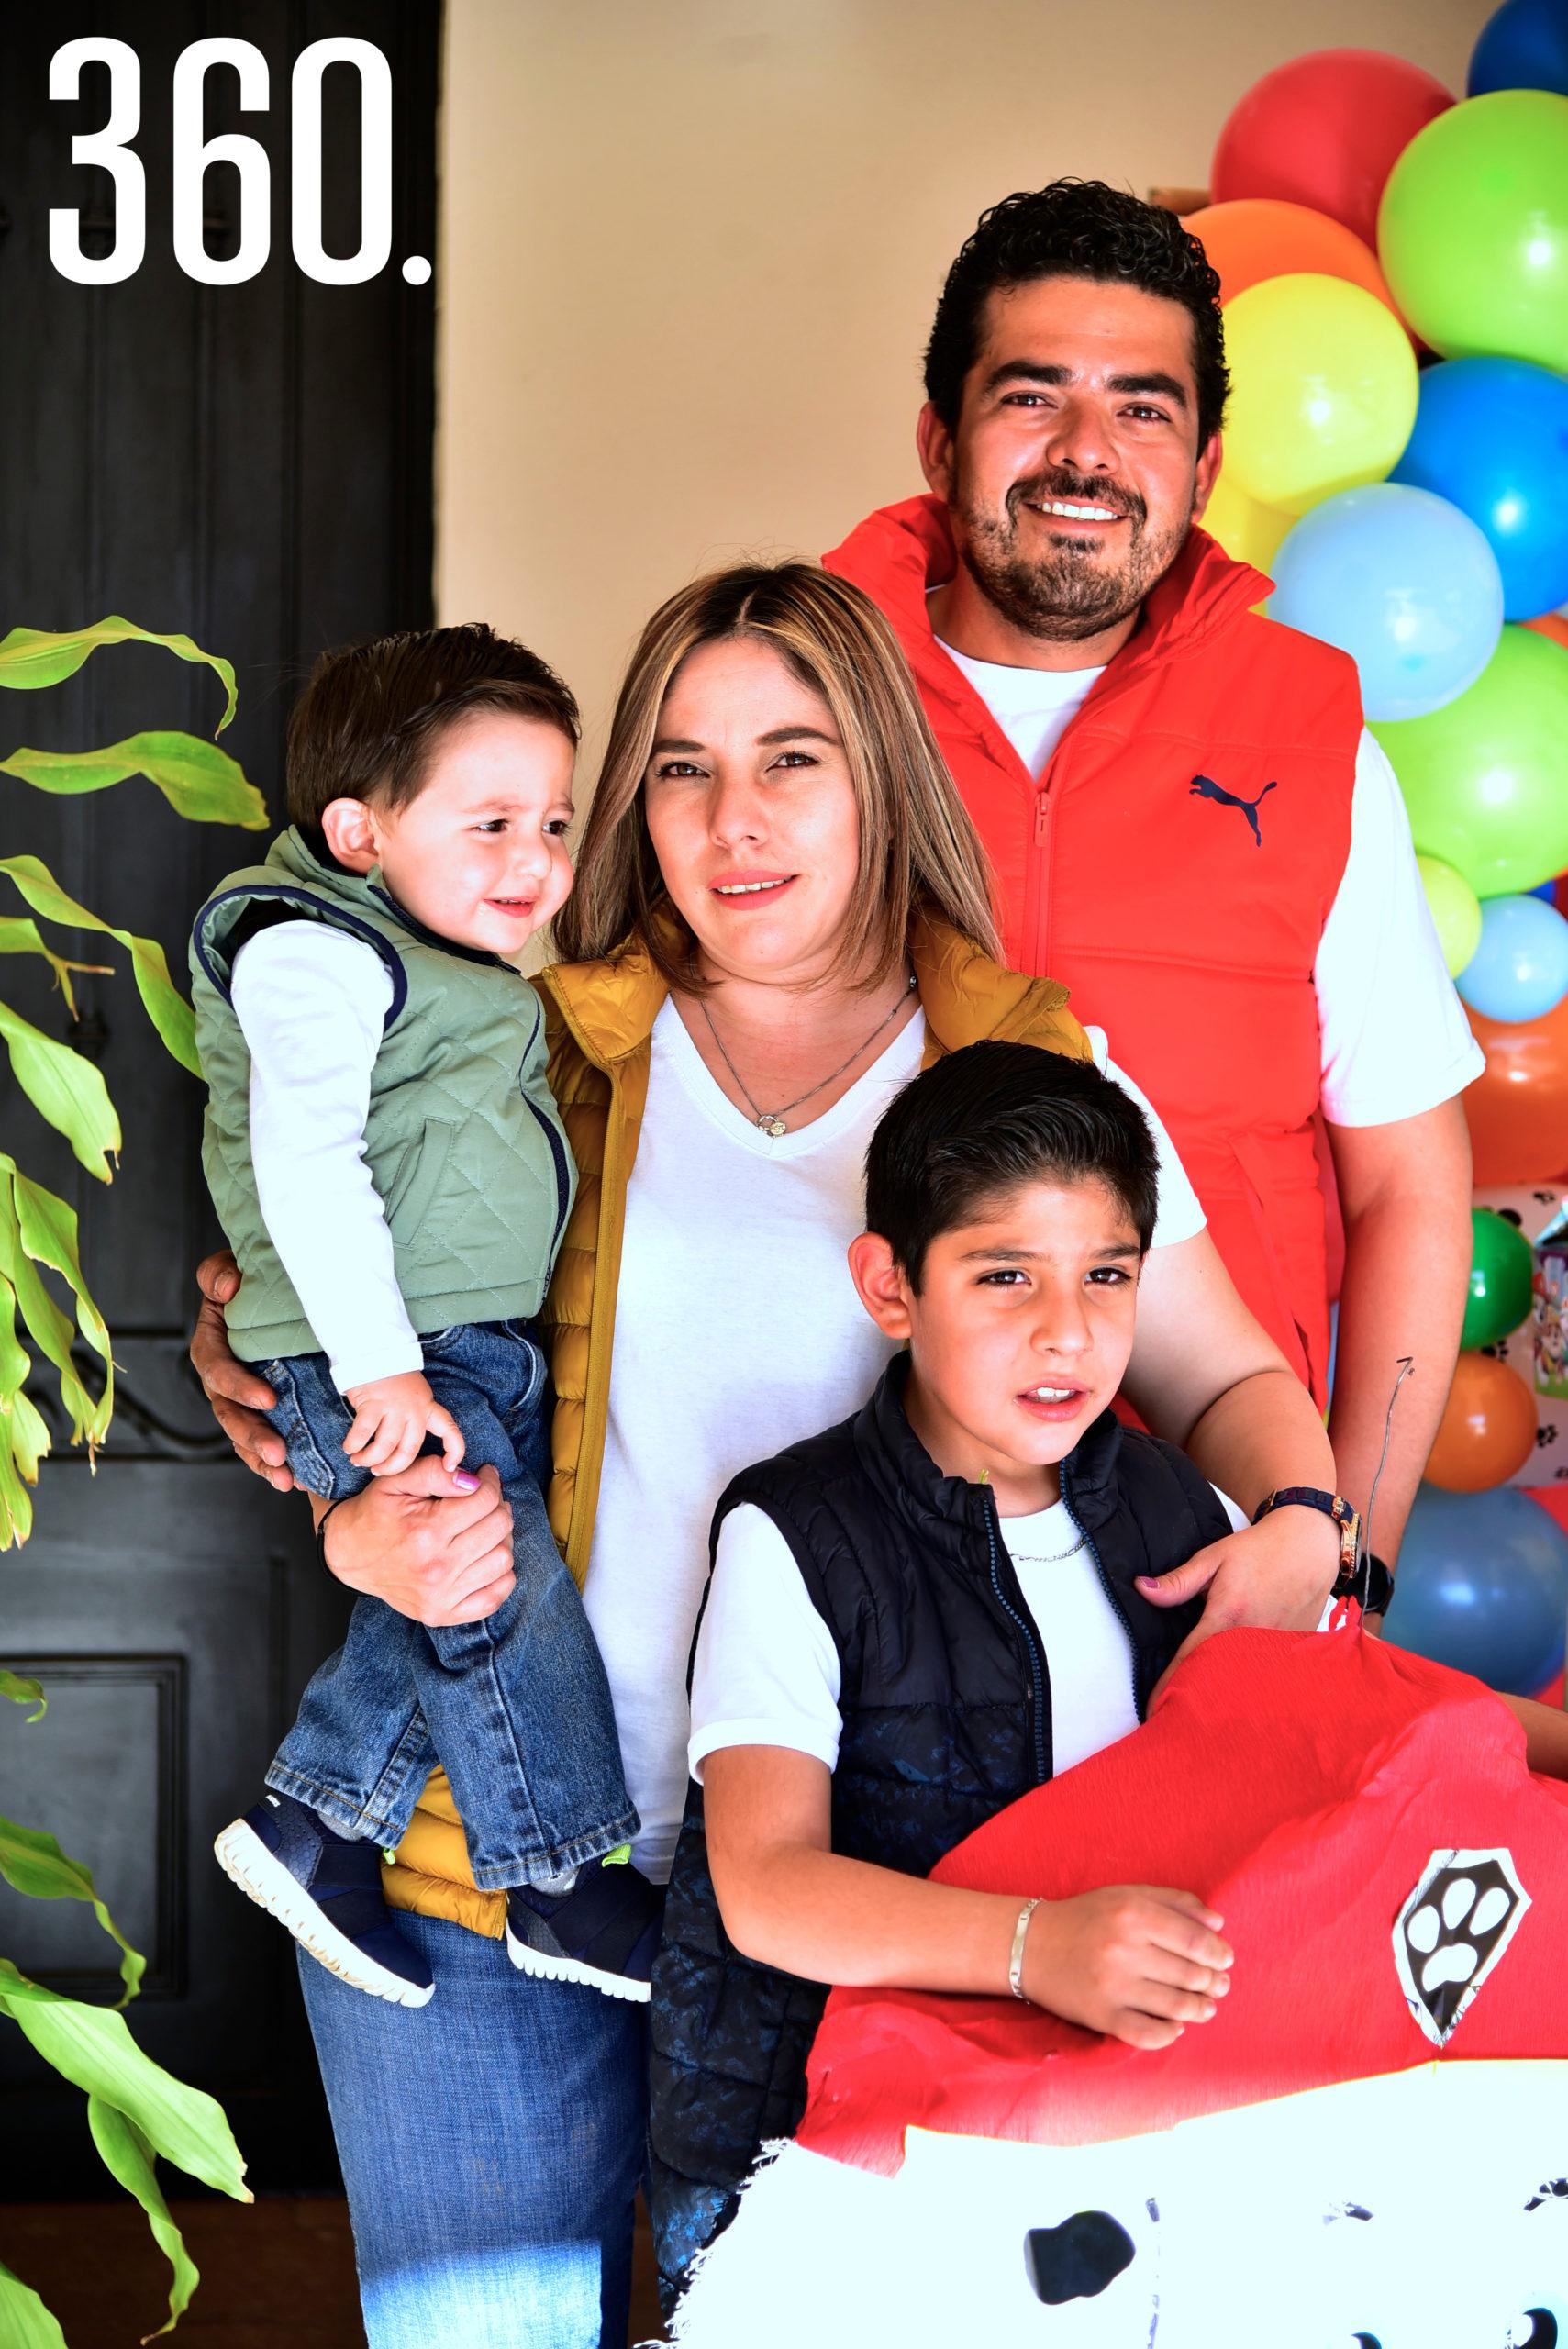 Emiliano Antuna Galindo con sus papás, Diana Galindo y Héctor Antuna, y su hermanito, Héctor Antuna Galindo.